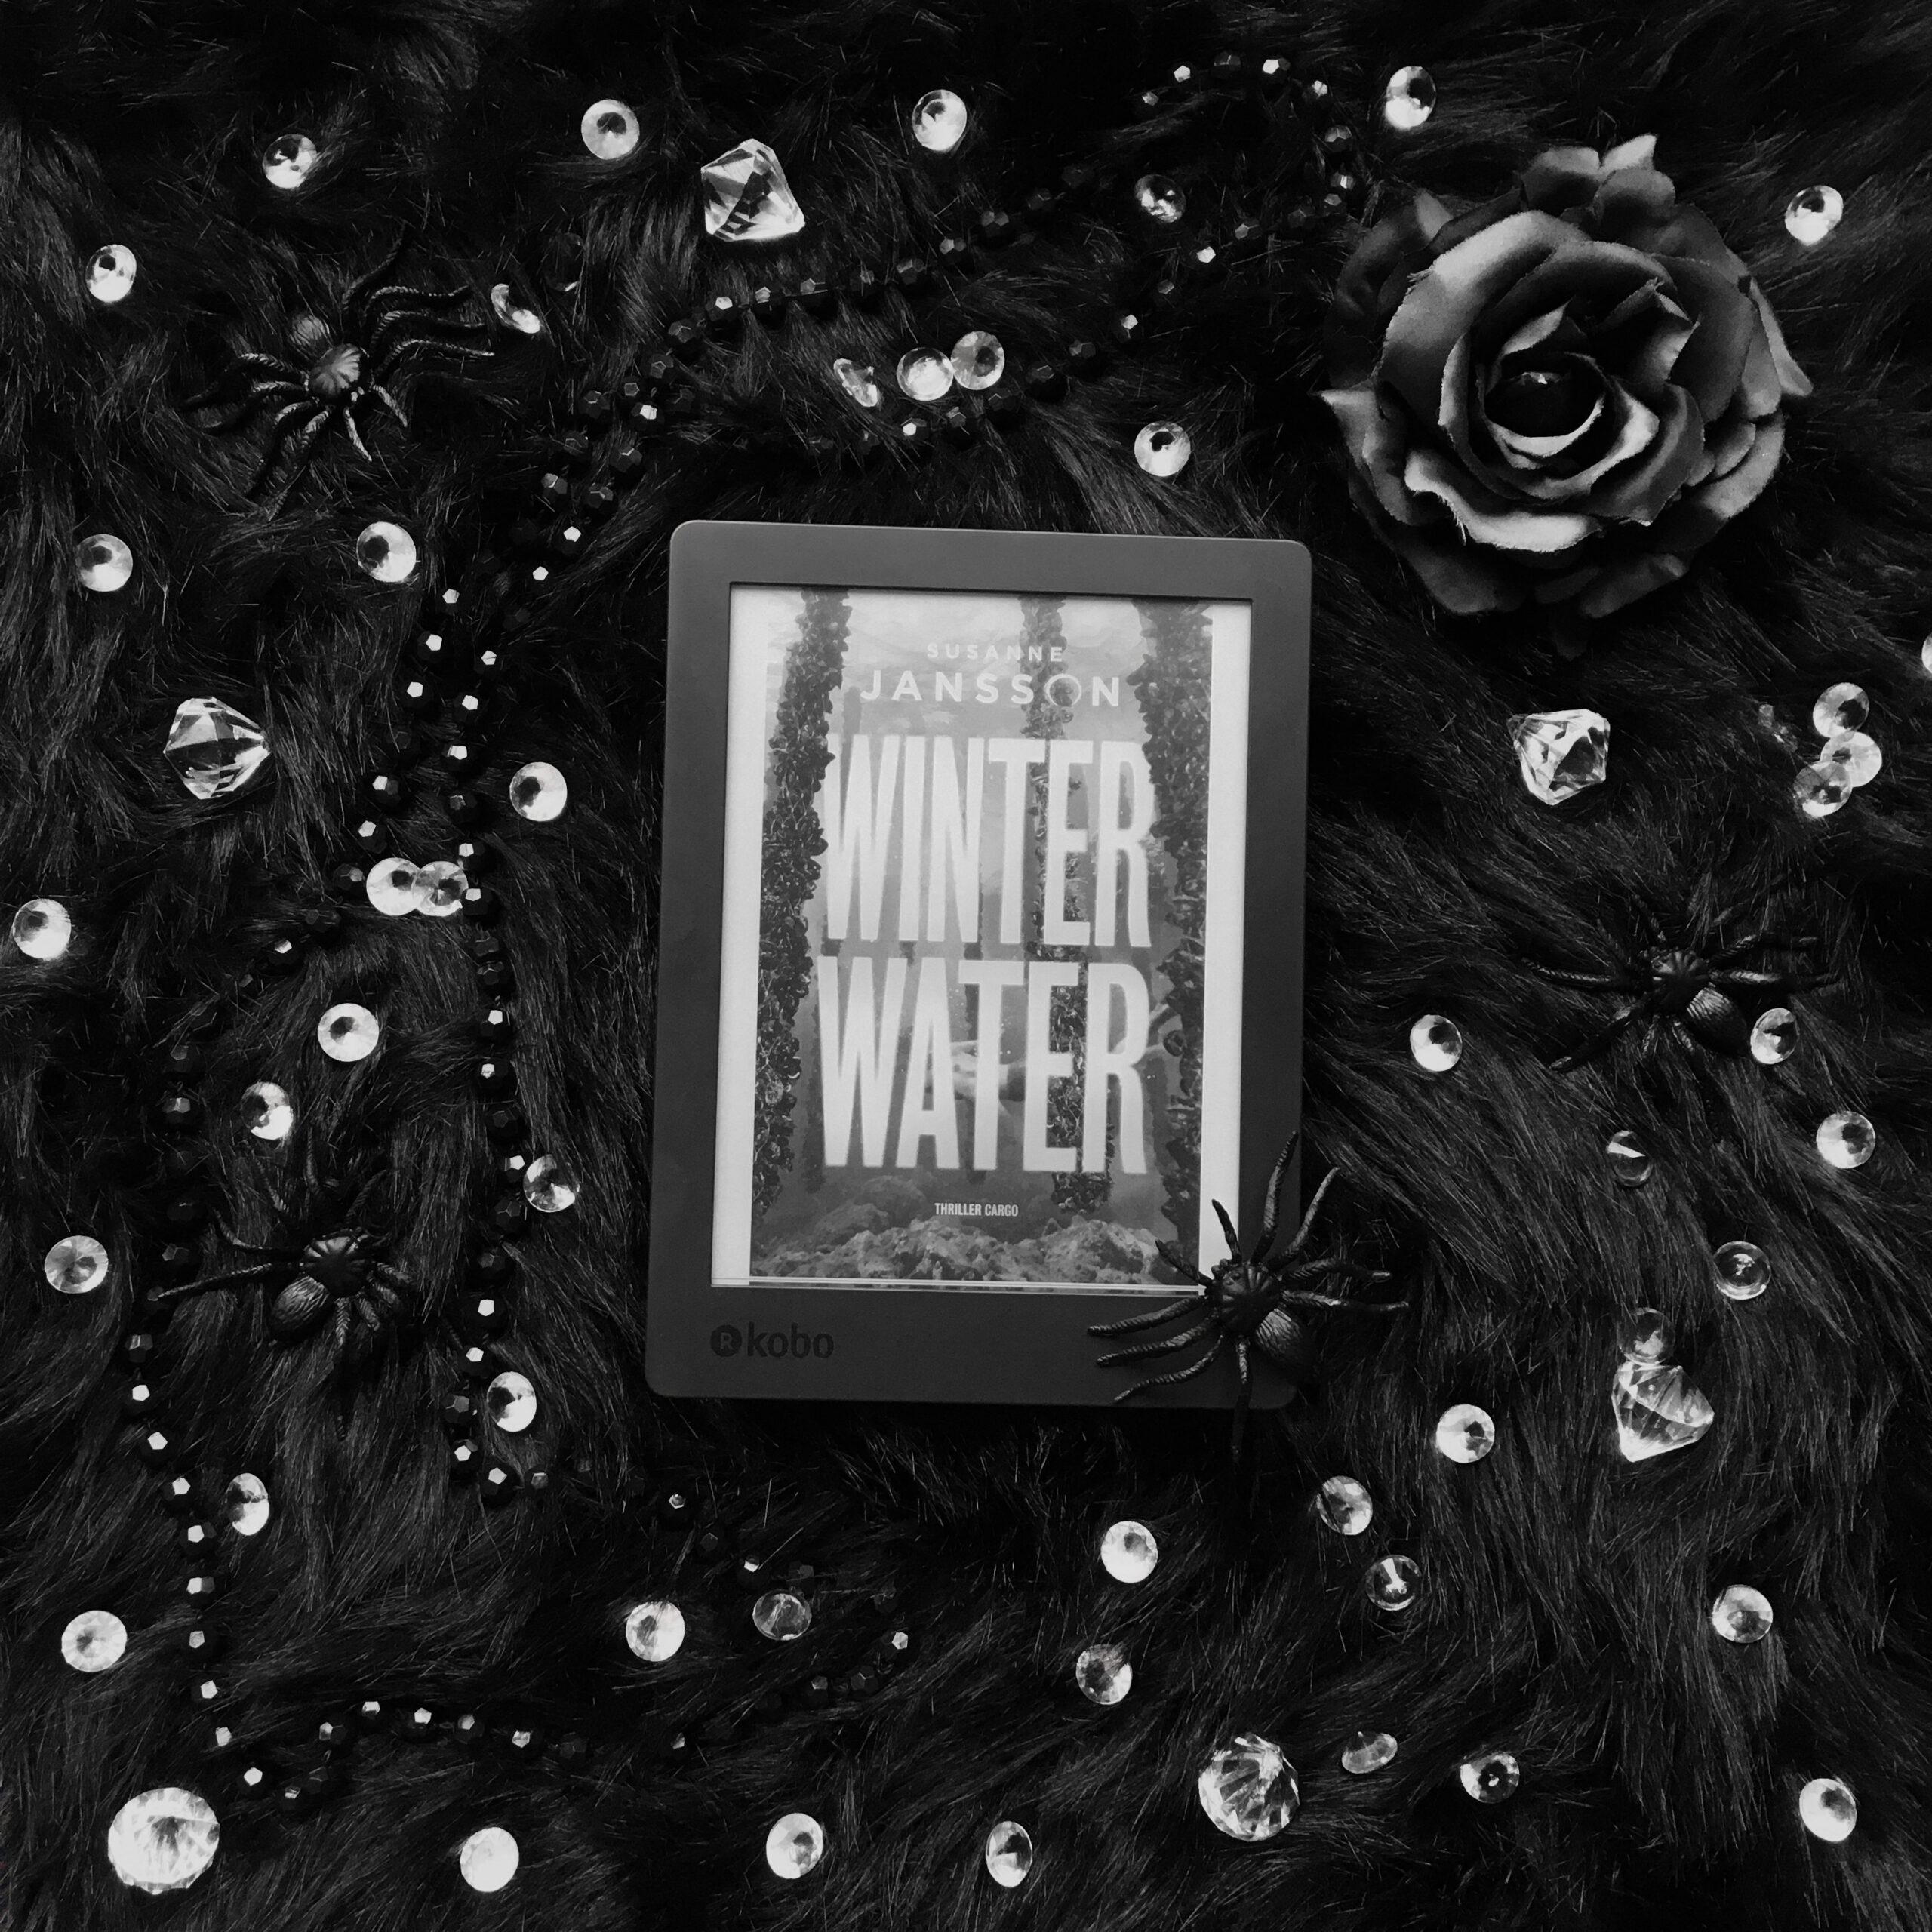 Winterwater - Susanne Jansson